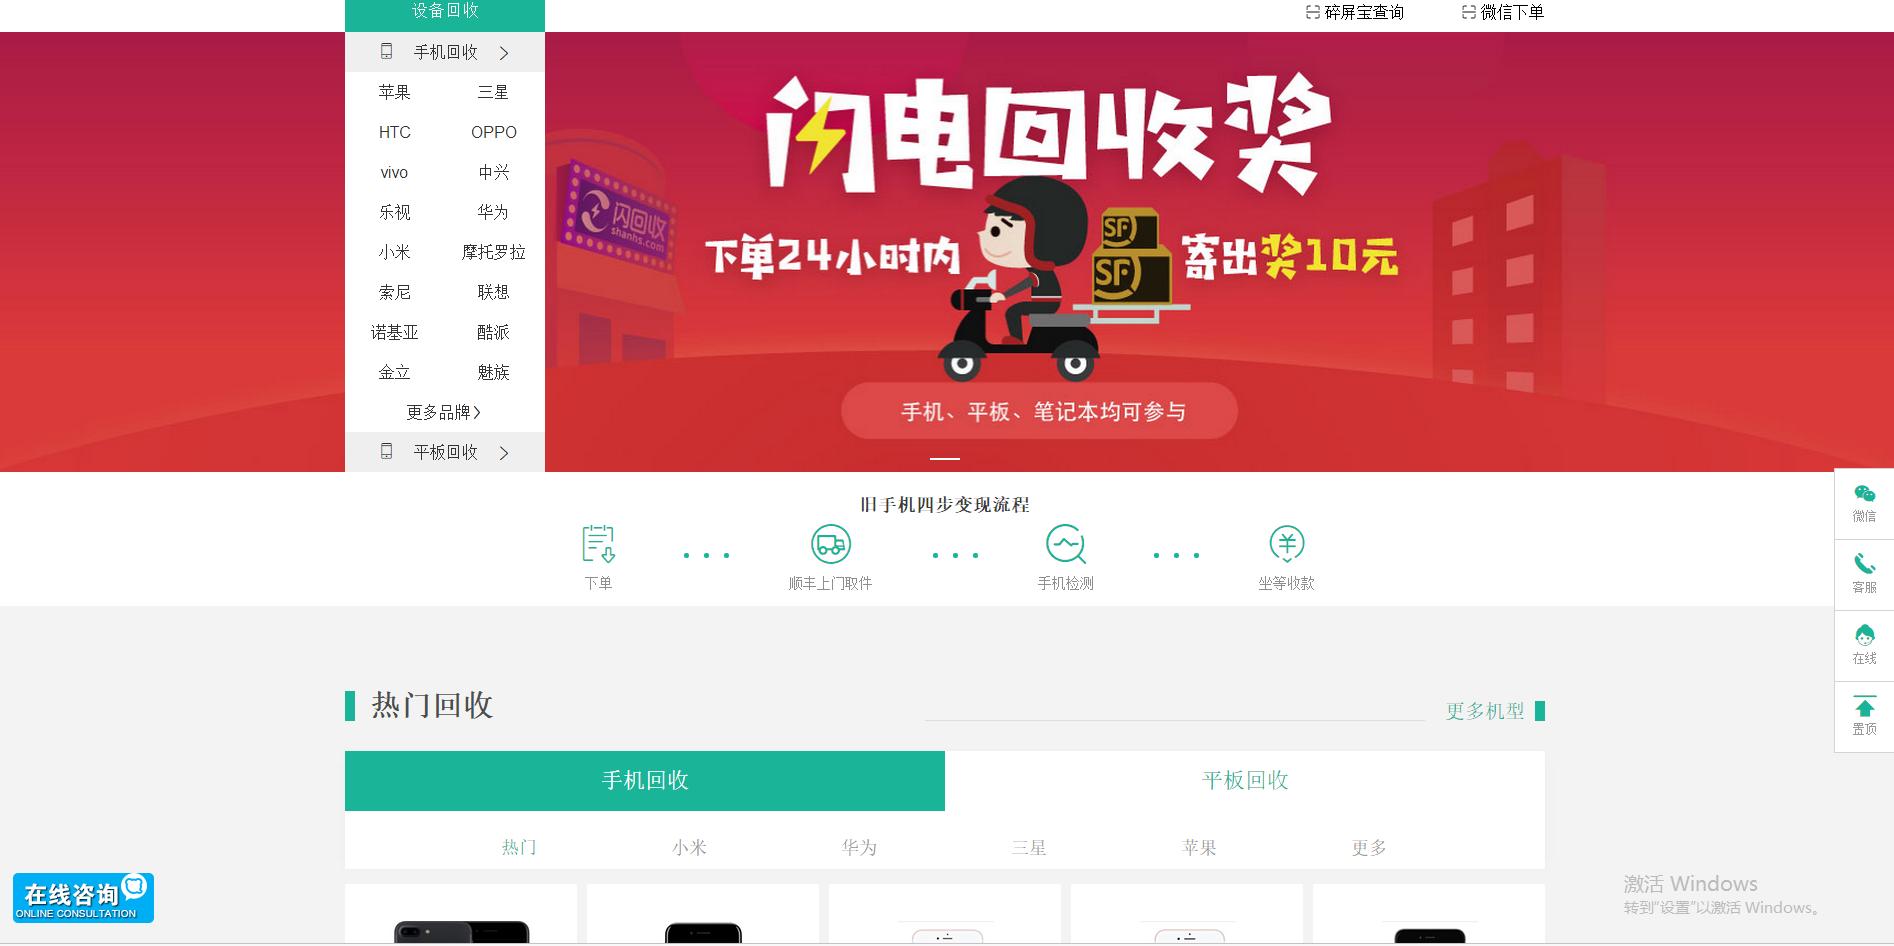 这是一张二手手机交易市场闪回收的官网界面图